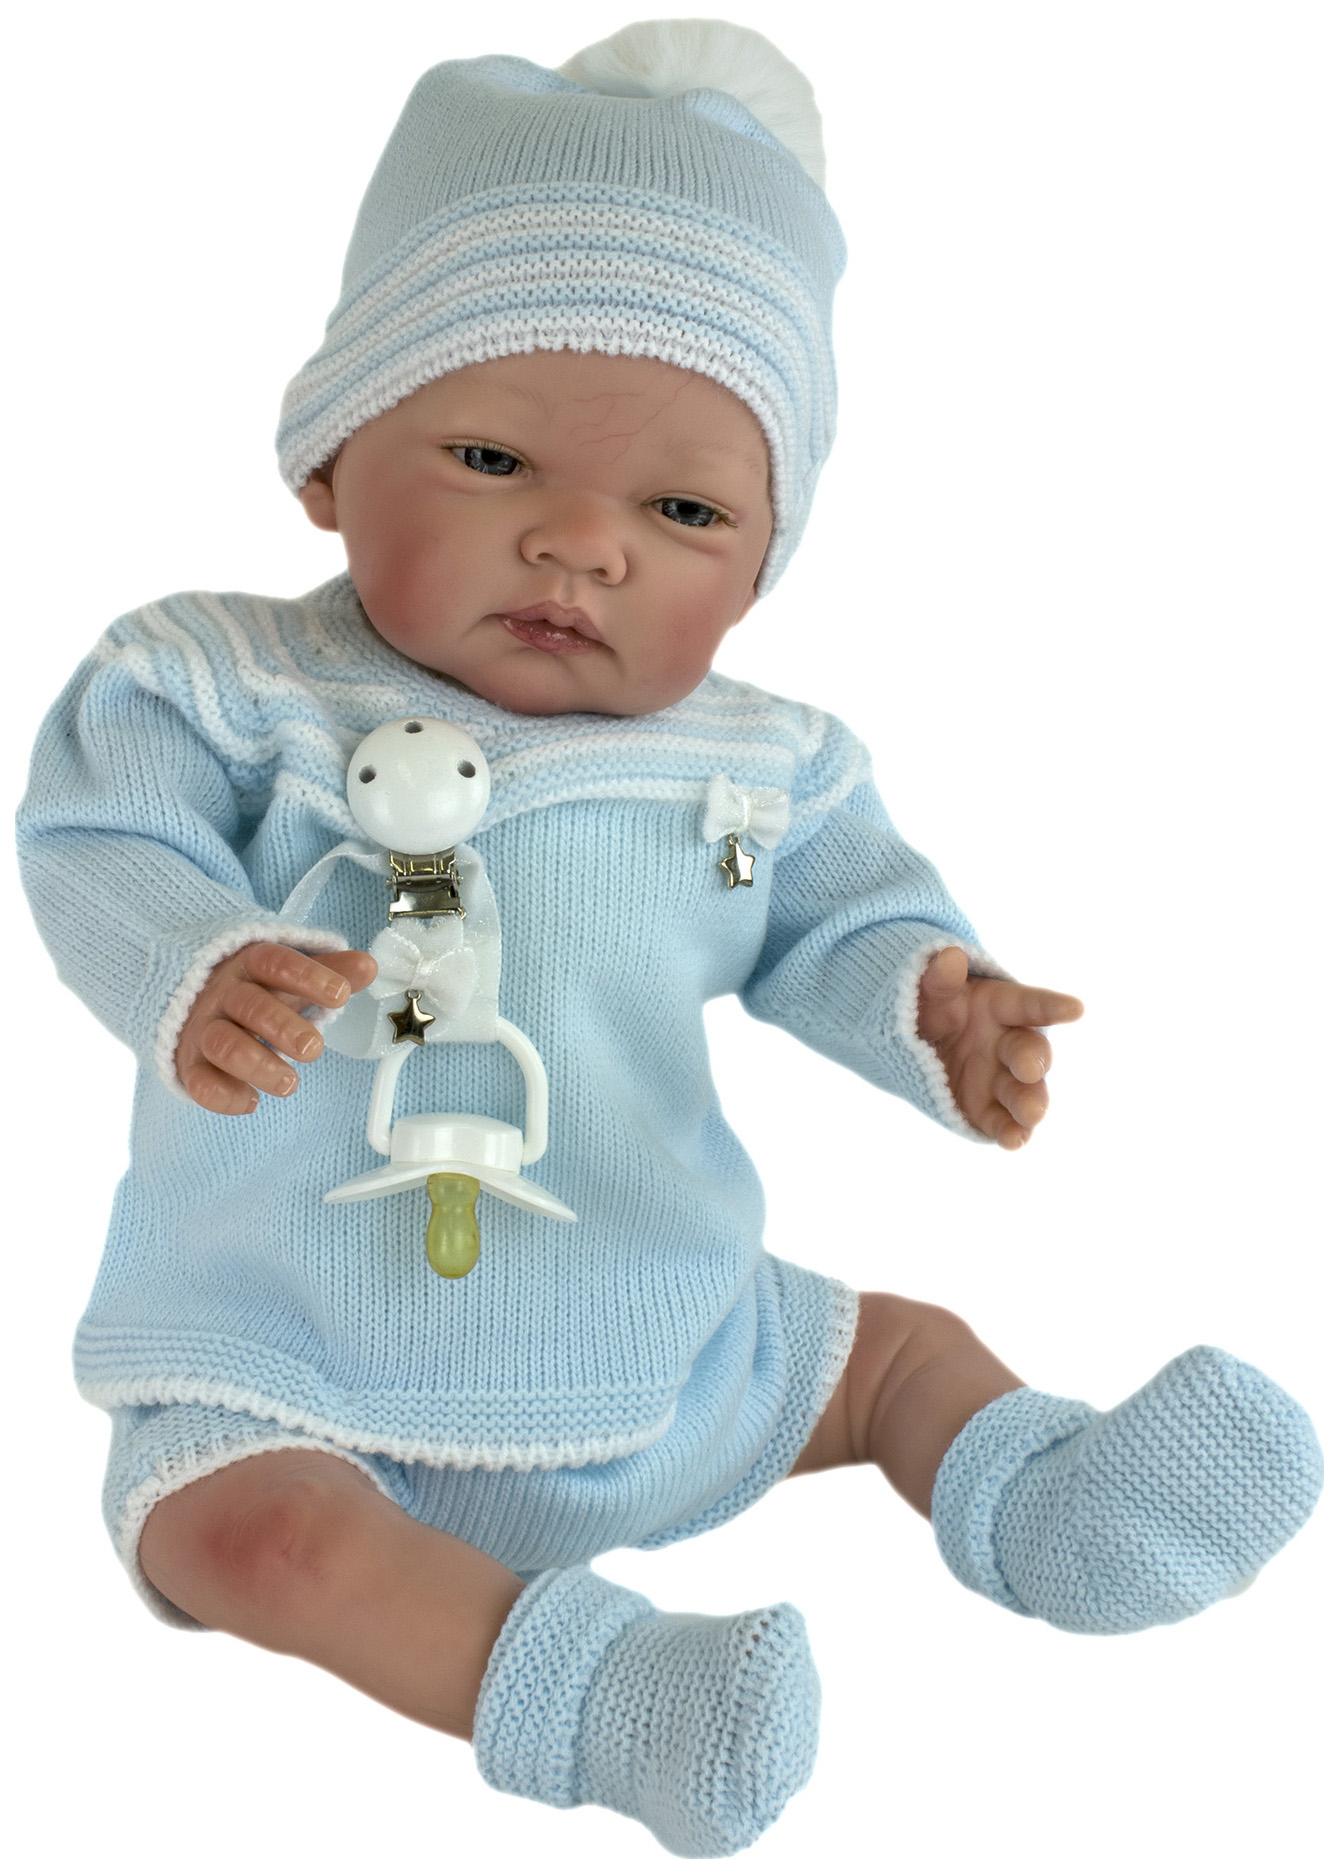 Пупс Nines d'Onil Новорожденный малыш, в голубой вязаной одежде, в шапочке